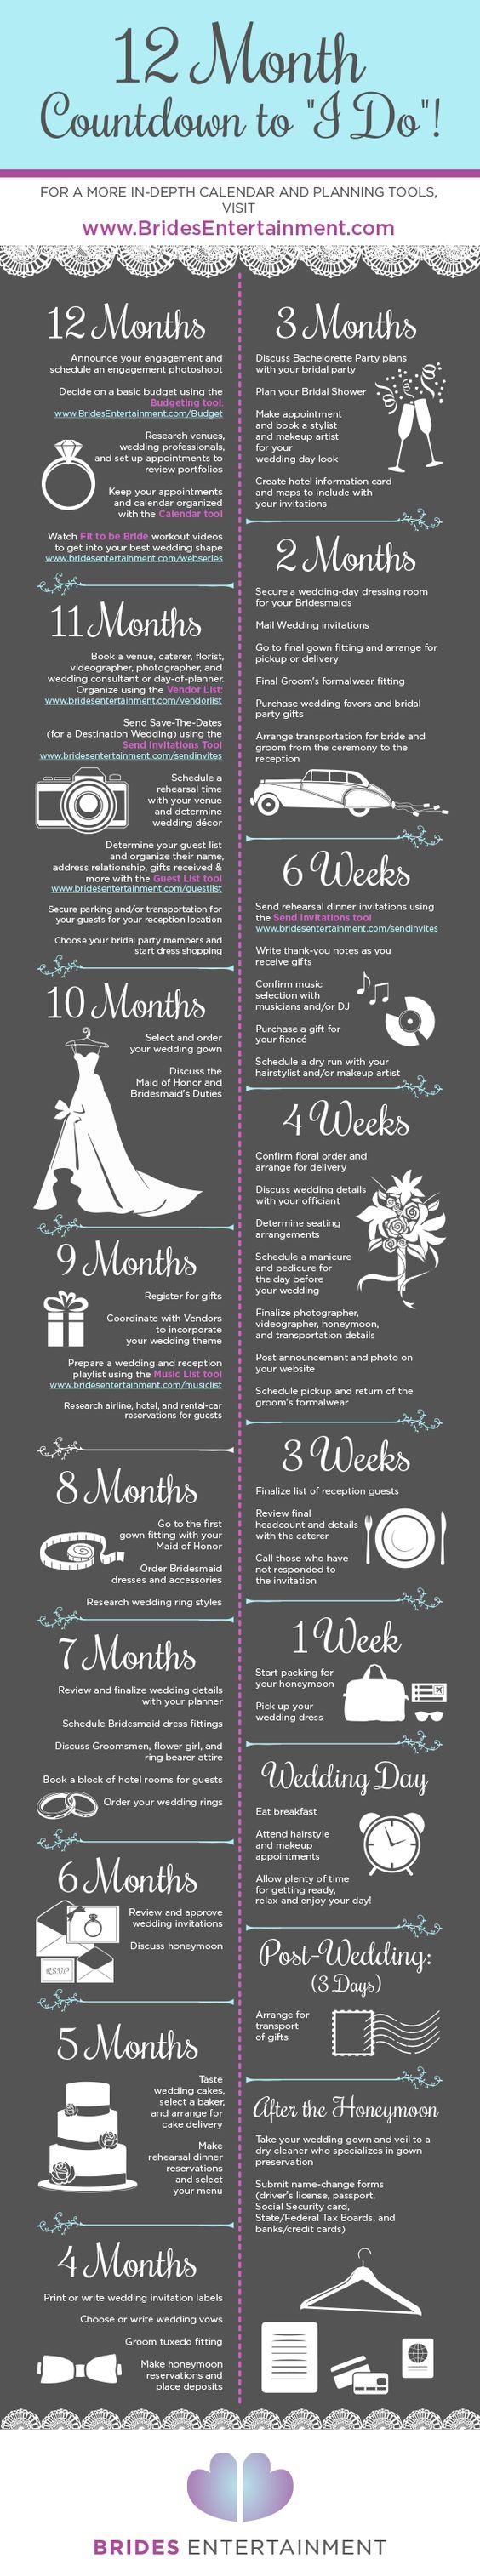 Los 12 meses antes de la boda ....la cuenta atrás ❤️